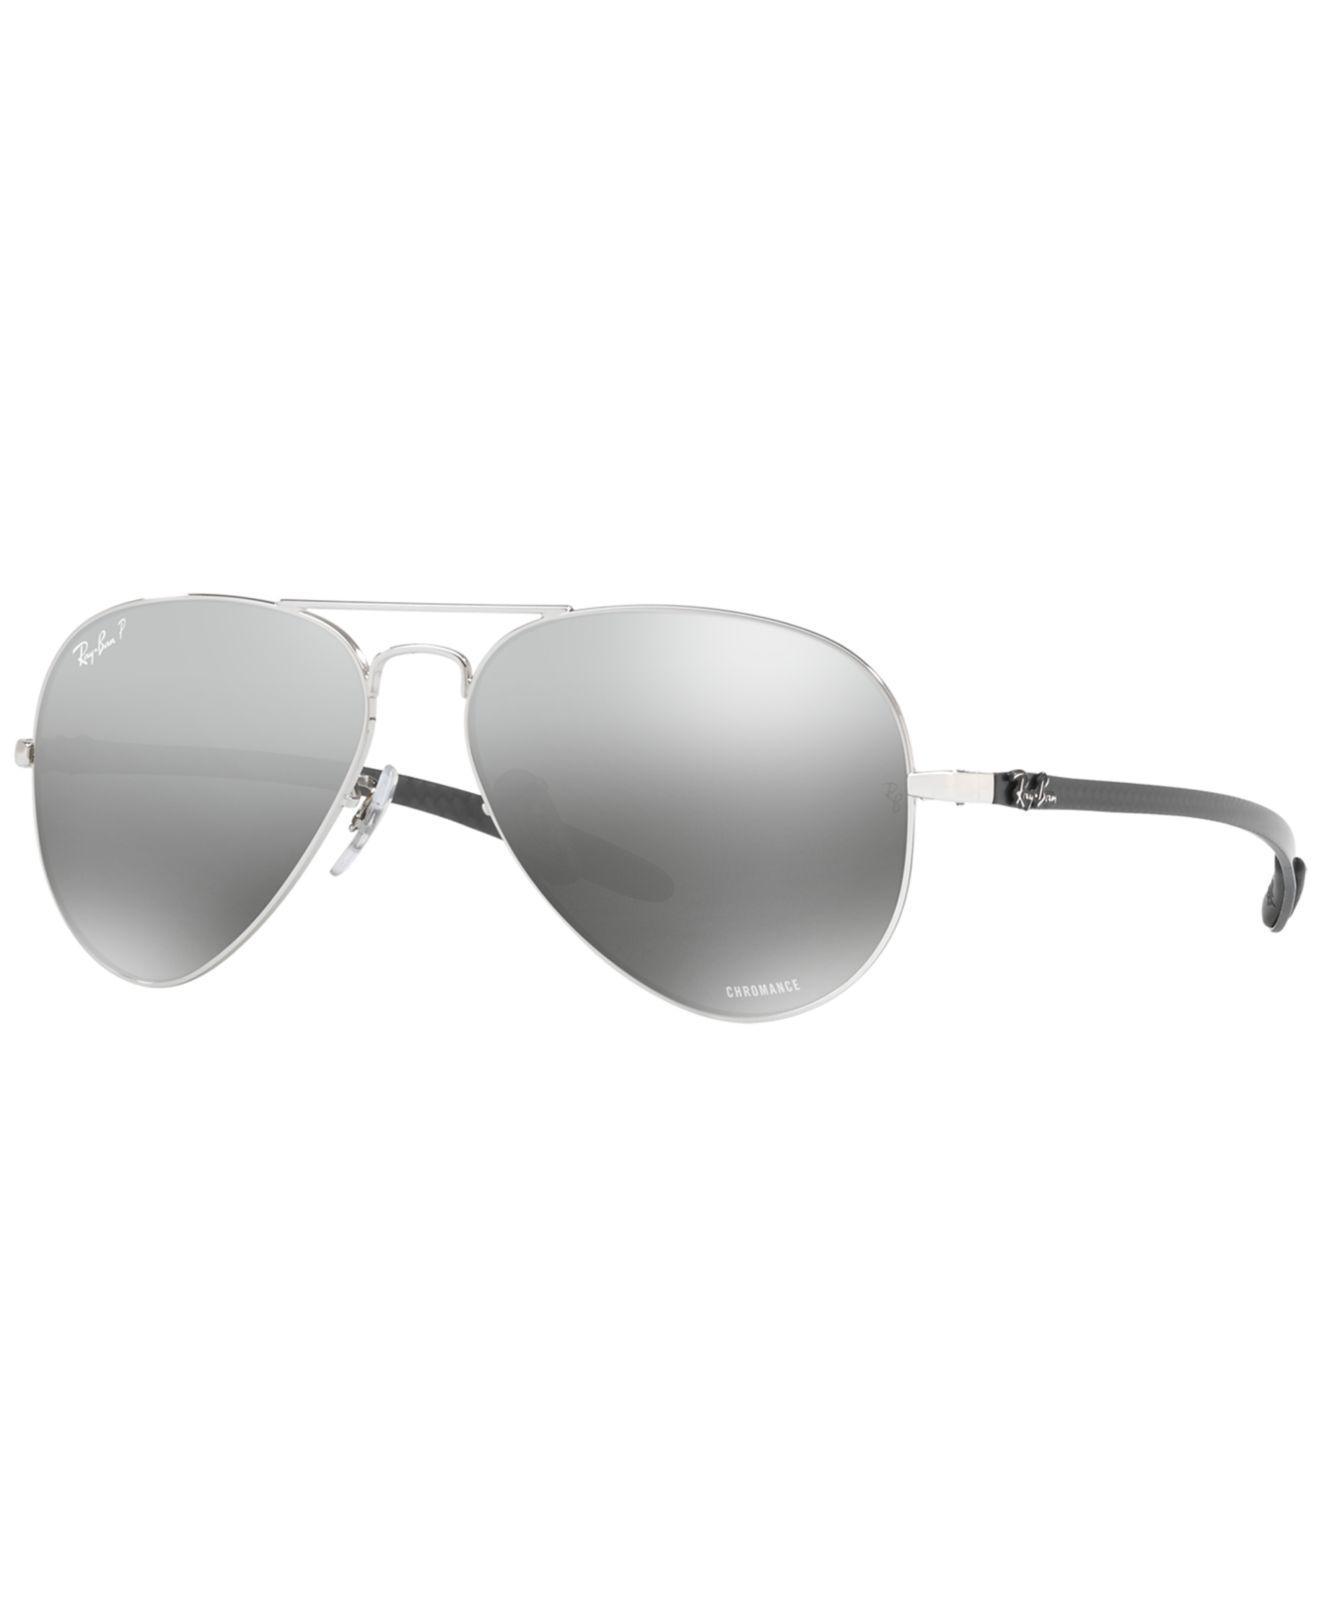 00fe1f073b0 Ray-Ban. Men s Gray Polarized Sunglasses